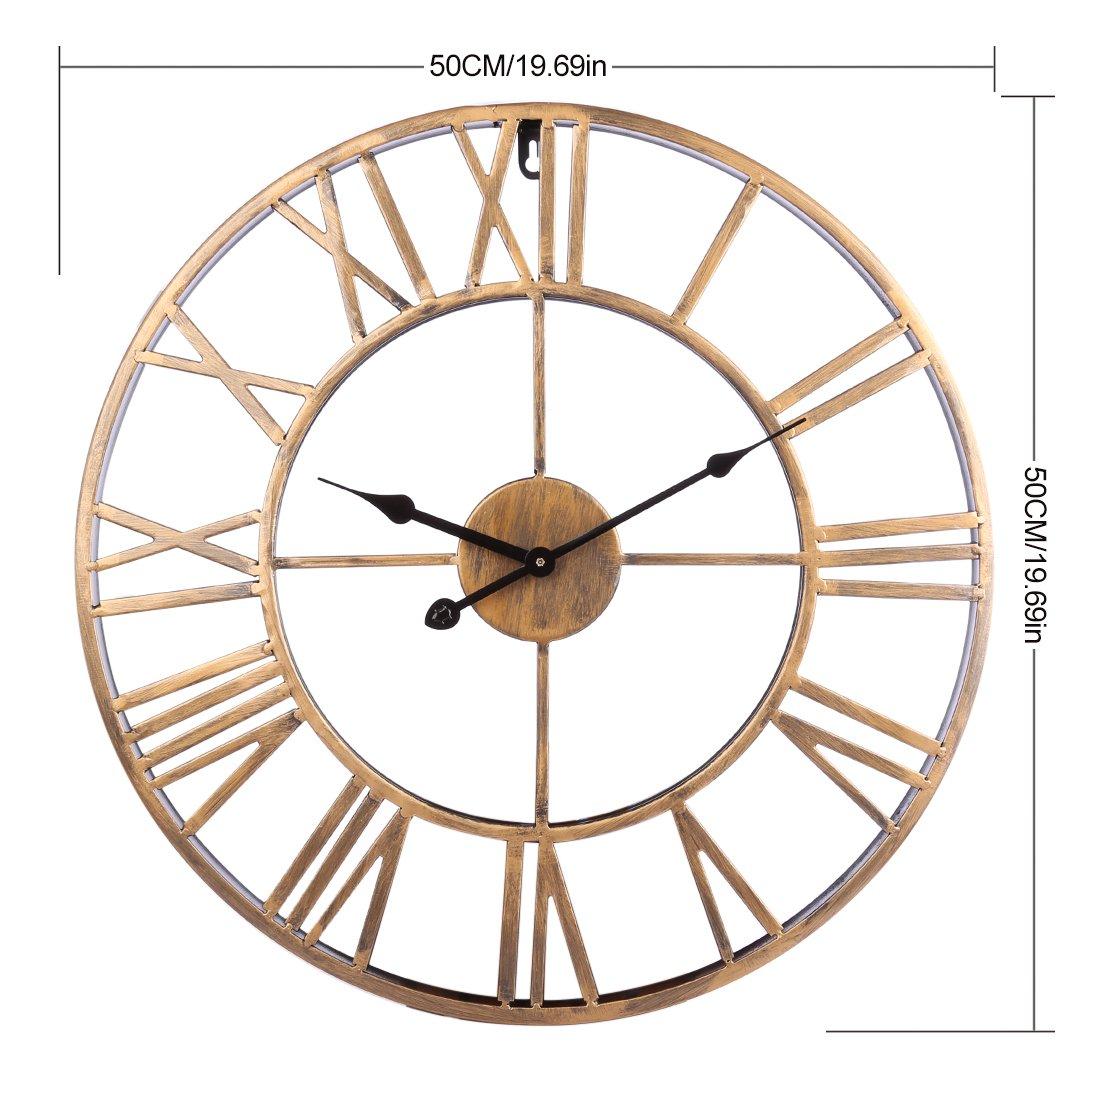 Ovitop Reloj de Pared 50cm Reloj de Pared Grande Reloj de Pared Silencioso Reloj de Pared Decorativo para Cocinas, Dormitorios, Oficinas, etc.